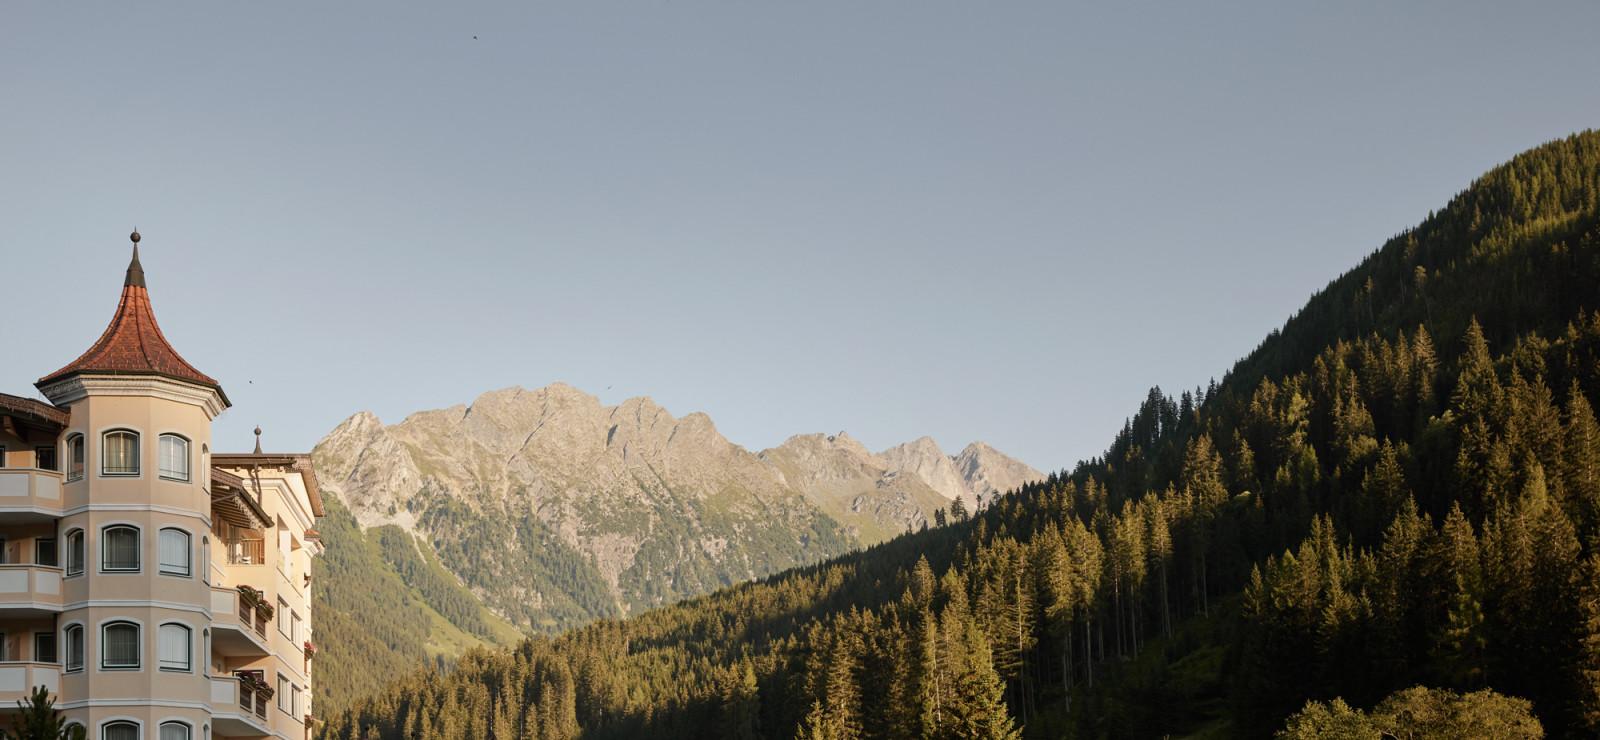 Traumhotel Alpina Bilder | Bild 1